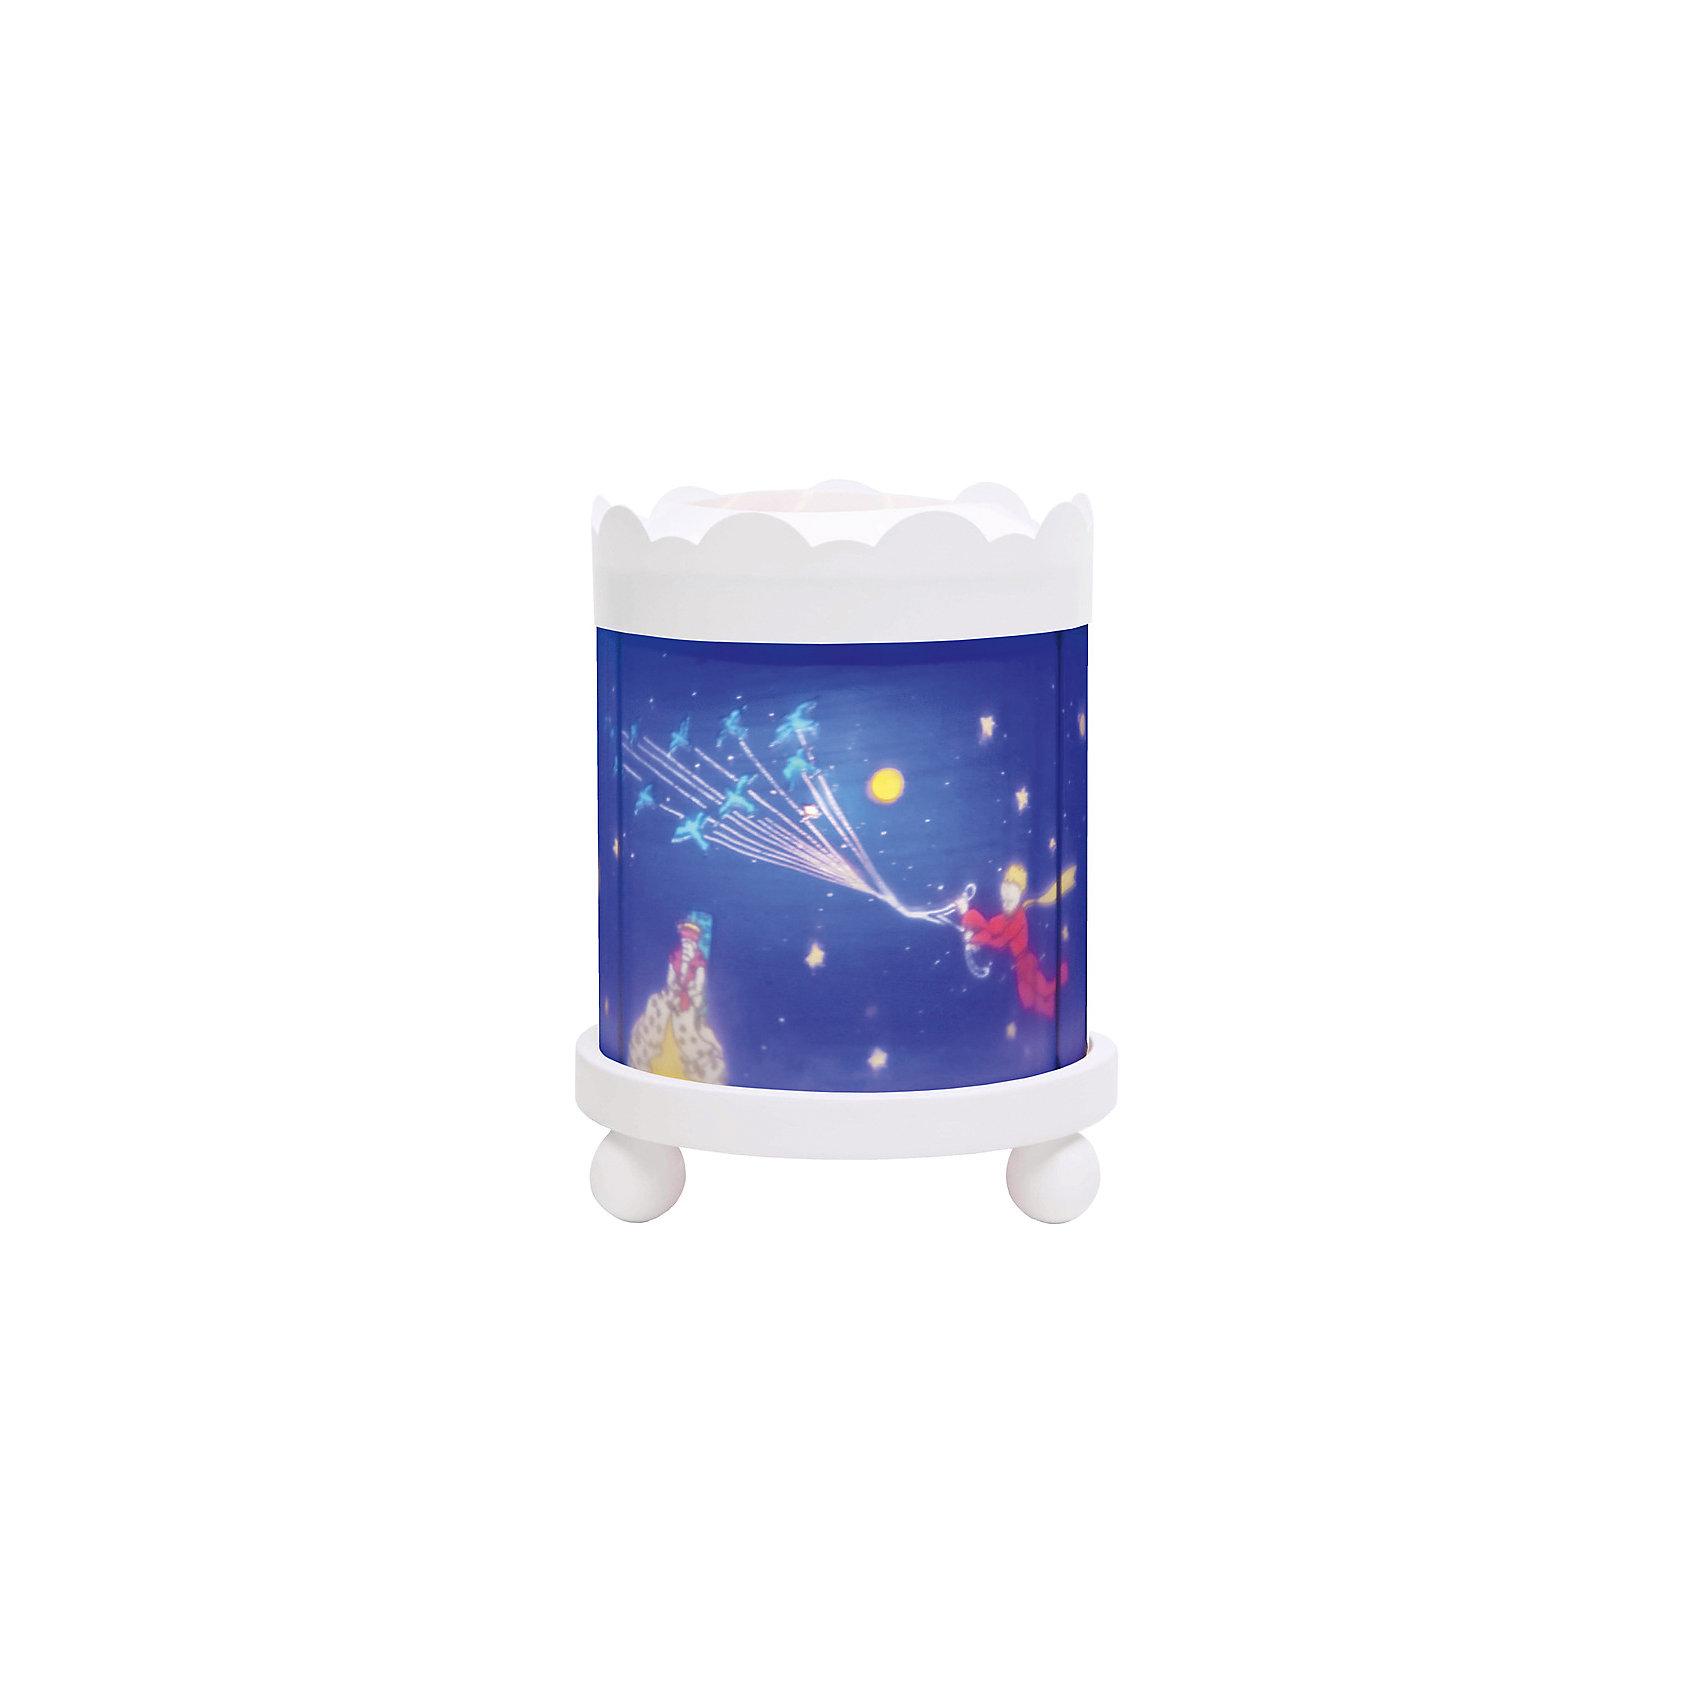 Светильник-ночник с функцией проектора Little Prince, TrousselierЛампы, ночники, фонарики<br>Ночные страхи легко уходят из комнаты, в которой стоит ночник! С ночником любое помещение становится уютнее! Для детей это еще и повышение качества сна - с ночником они спят спокойнее, так как вокруг нет пугающей темноты.<br>Этот ночник выглядит очень красиво - на нем изображены симпатичные картинки, жароустойчивый цилиндр ночника вращается и создает приятное мягкое освещение вокруг него. Корпус ночника - прочный, металлический. Если его снять, то ночник будет работать как проектор и отправлять изображение героев на стены. Изделие произведено из высококачественных материалов, и соответствует европейским стандартам безопасности.<br><br>Дополнительная информация:<br><br>цвет: разноцветный;<br>материал: металл, жароустойчивый пластик, дерево;<br>работает от розетки;<br>внутри - лампочка 12 V 20 W;<br>вес: 800 г;<br>размер: 17 х 17 х 22 см.<br><br>Светильник-ночник с функцией проектора Little Prince от французской компании Trousselier можно купить в нашем магазине.<br><br>Ширина мм: 175<br>Глубина мм: 175<br>Высота мм: 260<br>Вес г: 930<br>Возраст от месяцев: 0<br>Возраст до месяцев: 216<br>Пол: Мужской<br>Возраст: Детский<br>SKU: 4961817